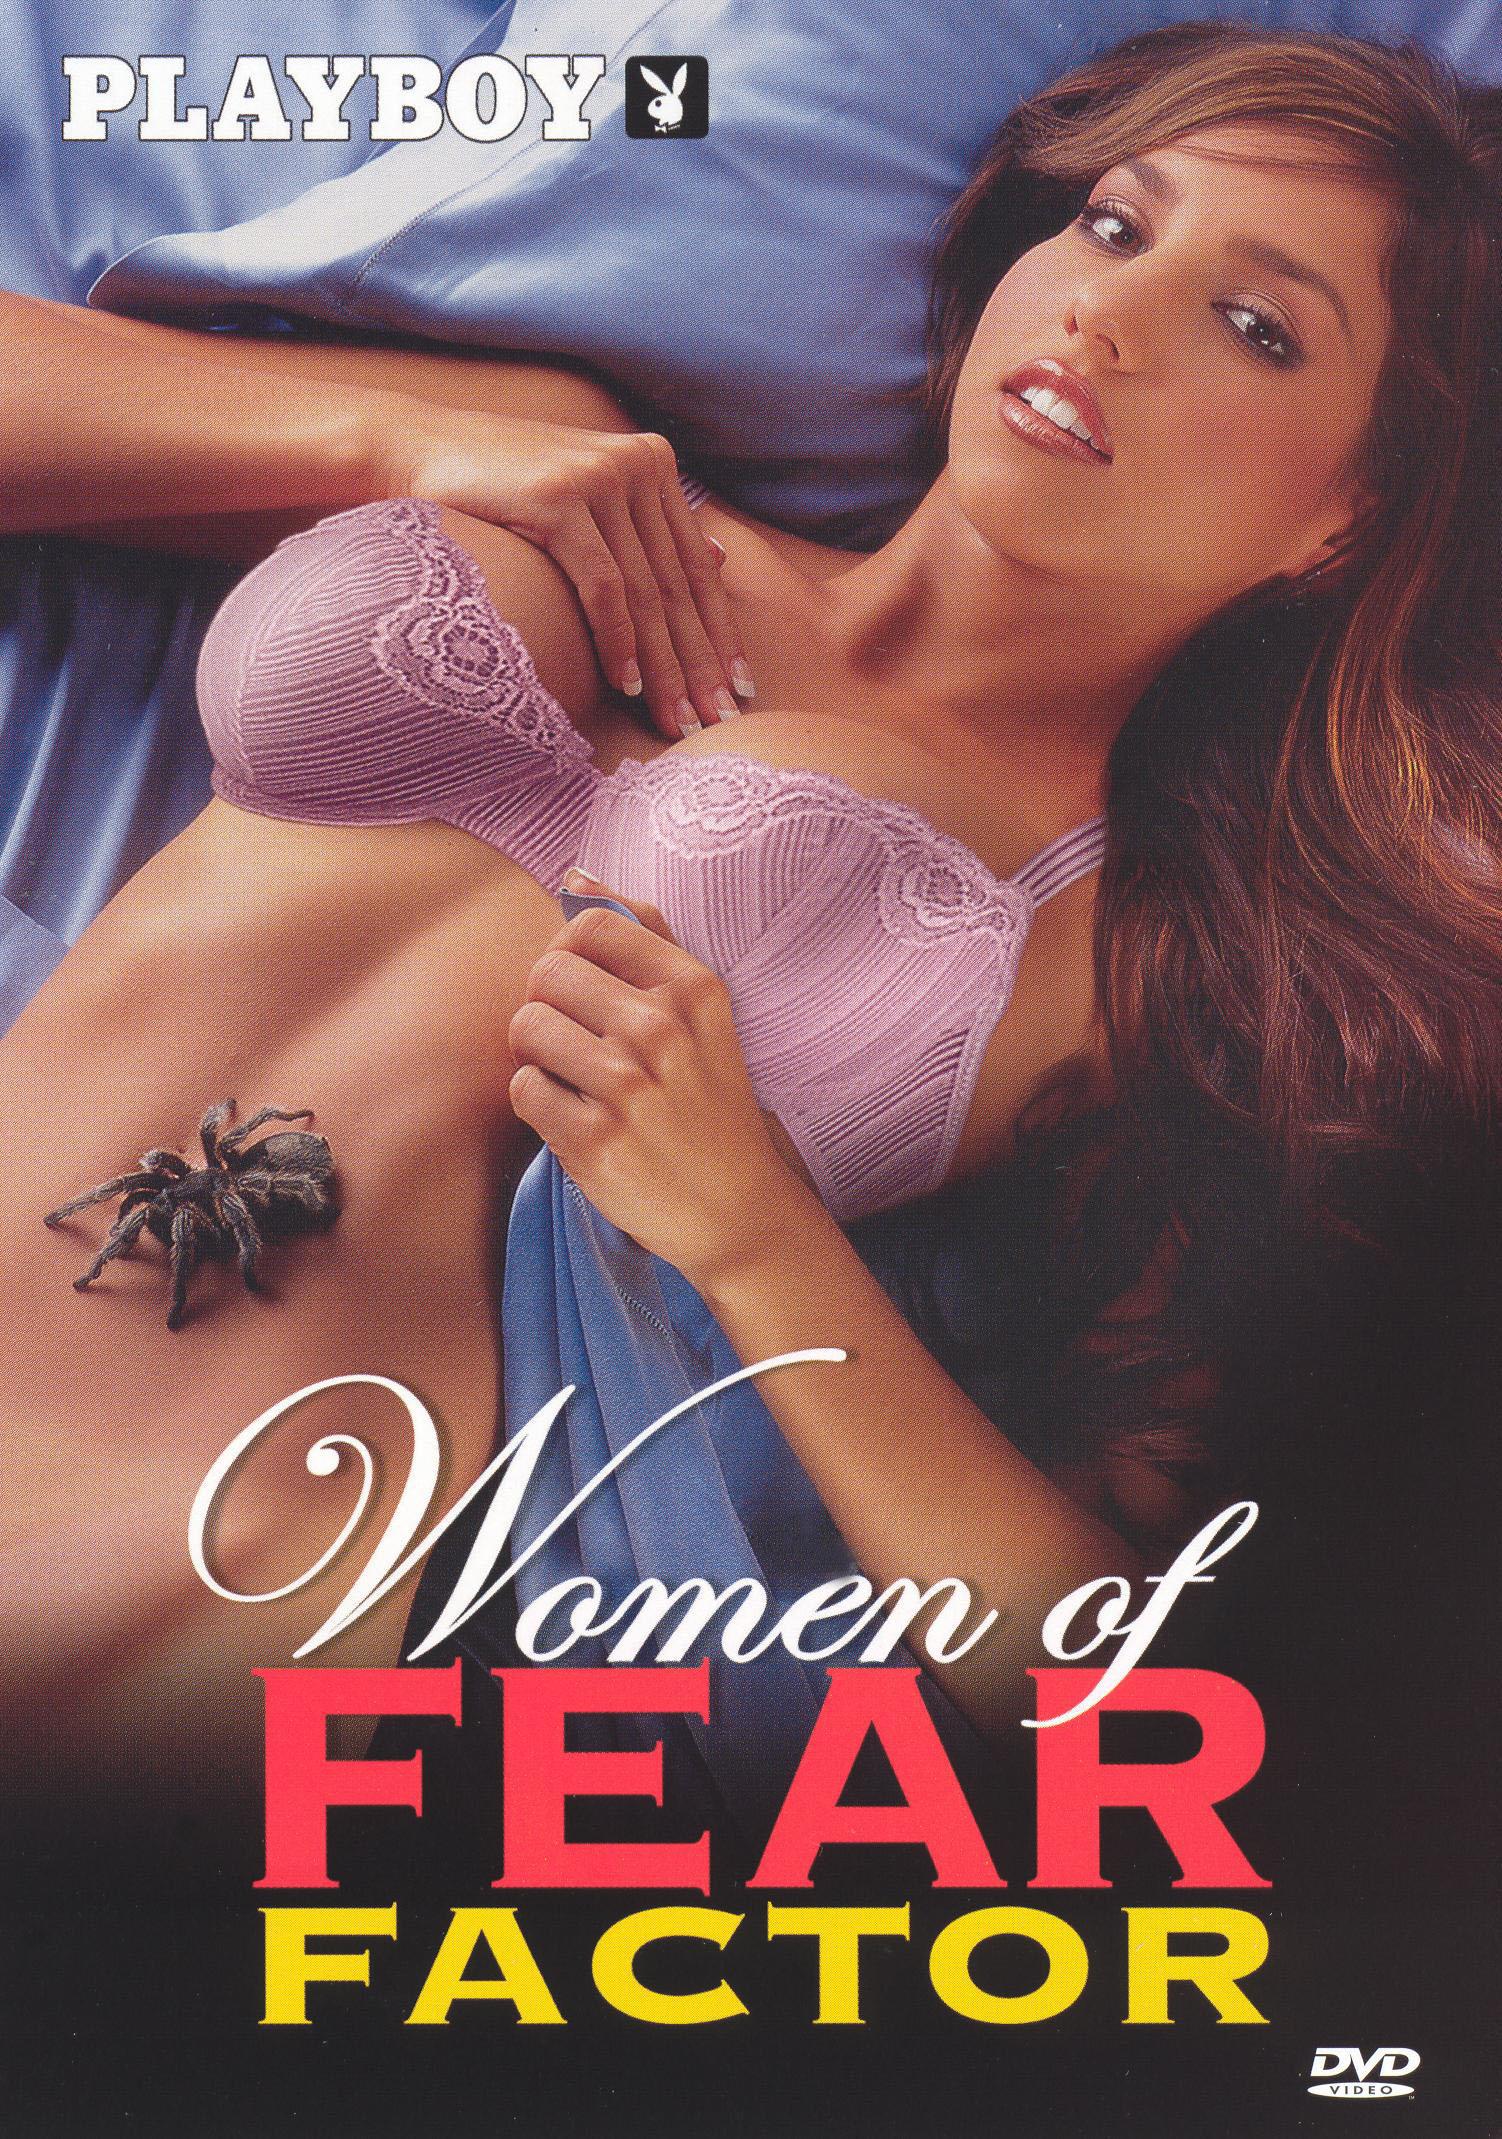 Fear factor girls nude